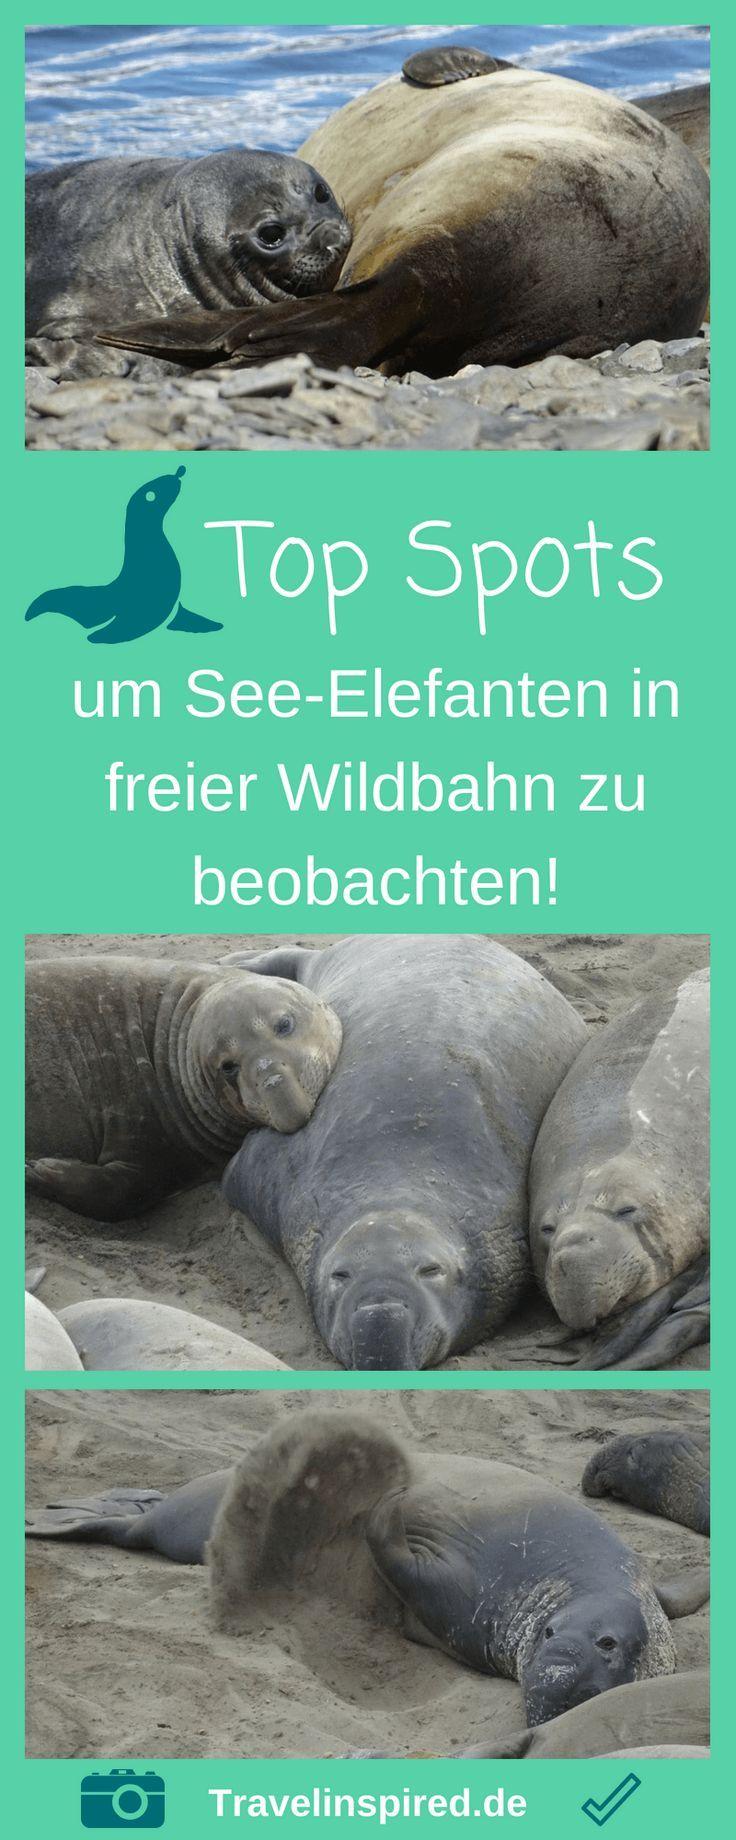 See-Elefanten beobachten - Top Spots | ️ Traumreiseziele ...